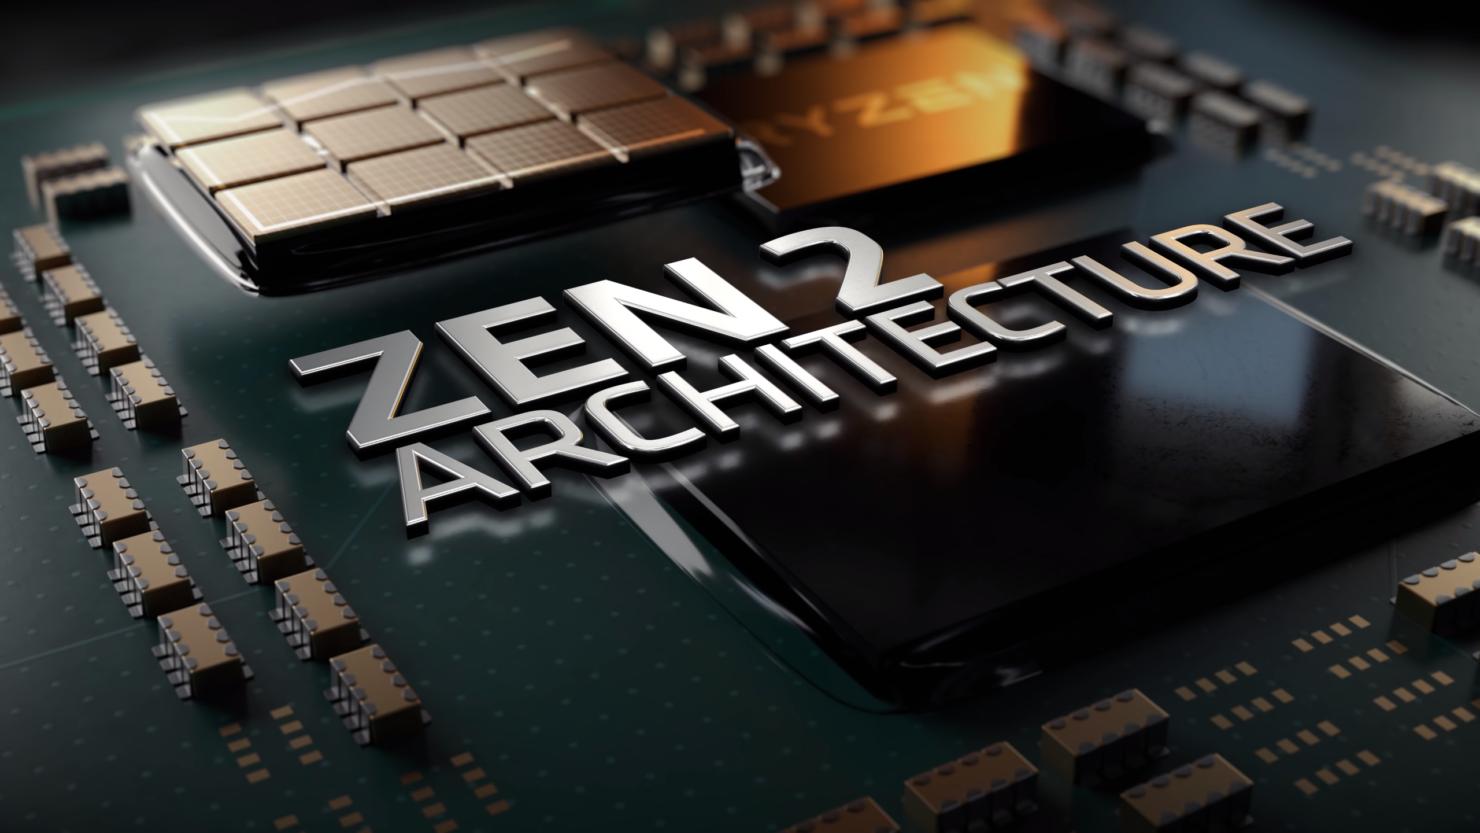 AMD-Ryzen-3000-CPU-Official-Video_5-1480x833